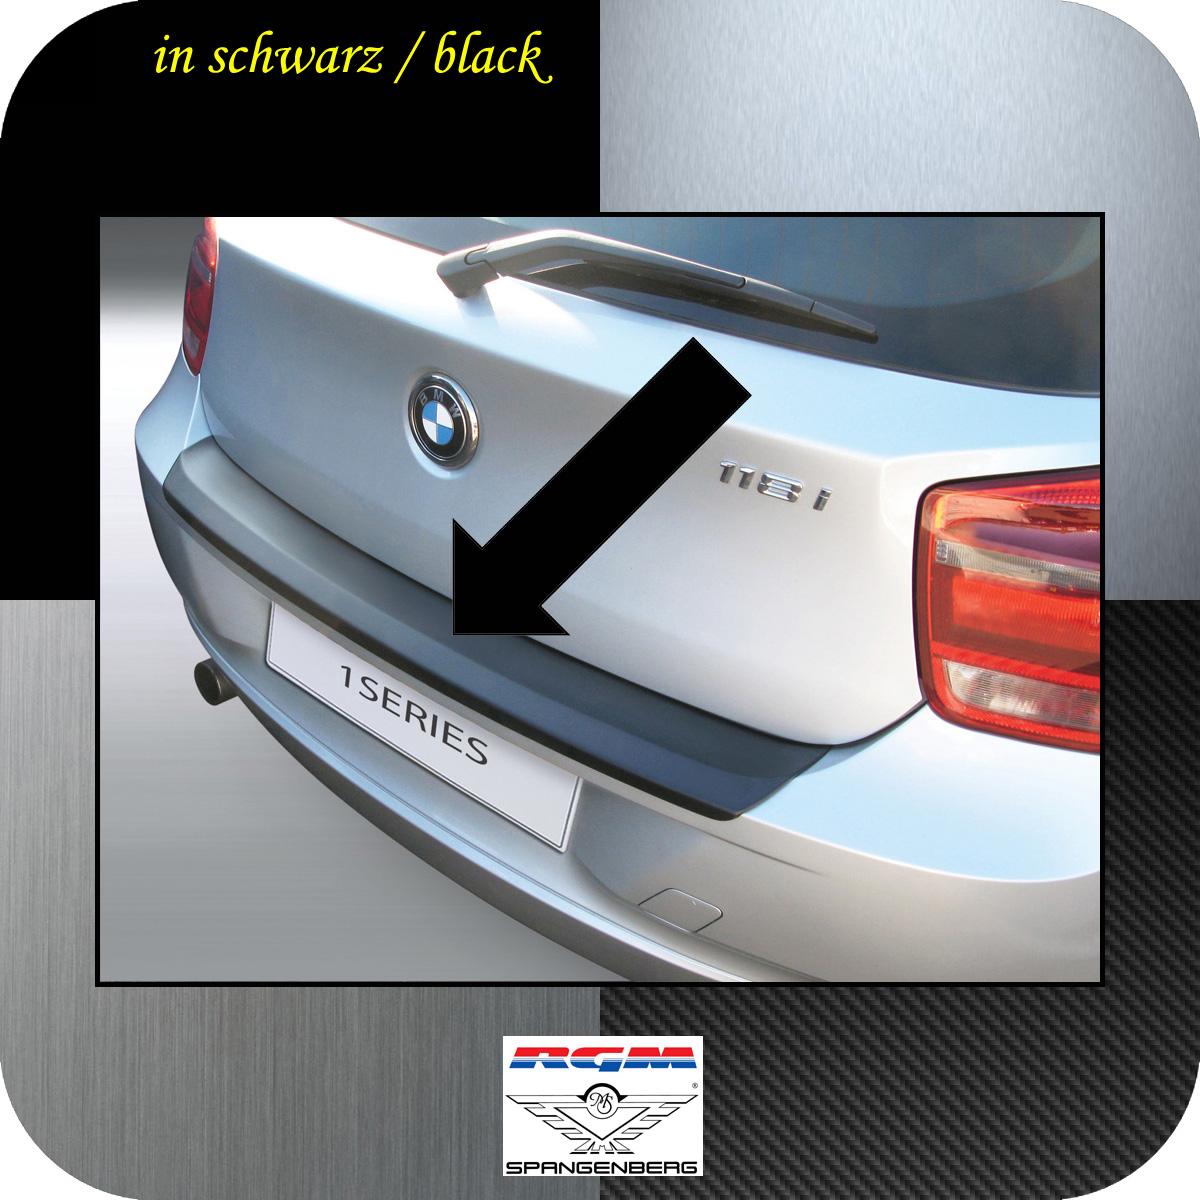 Ladekantenschutz schwarz BMW 1er F21 und F20 vor facelift Bj 2011-15 3500554